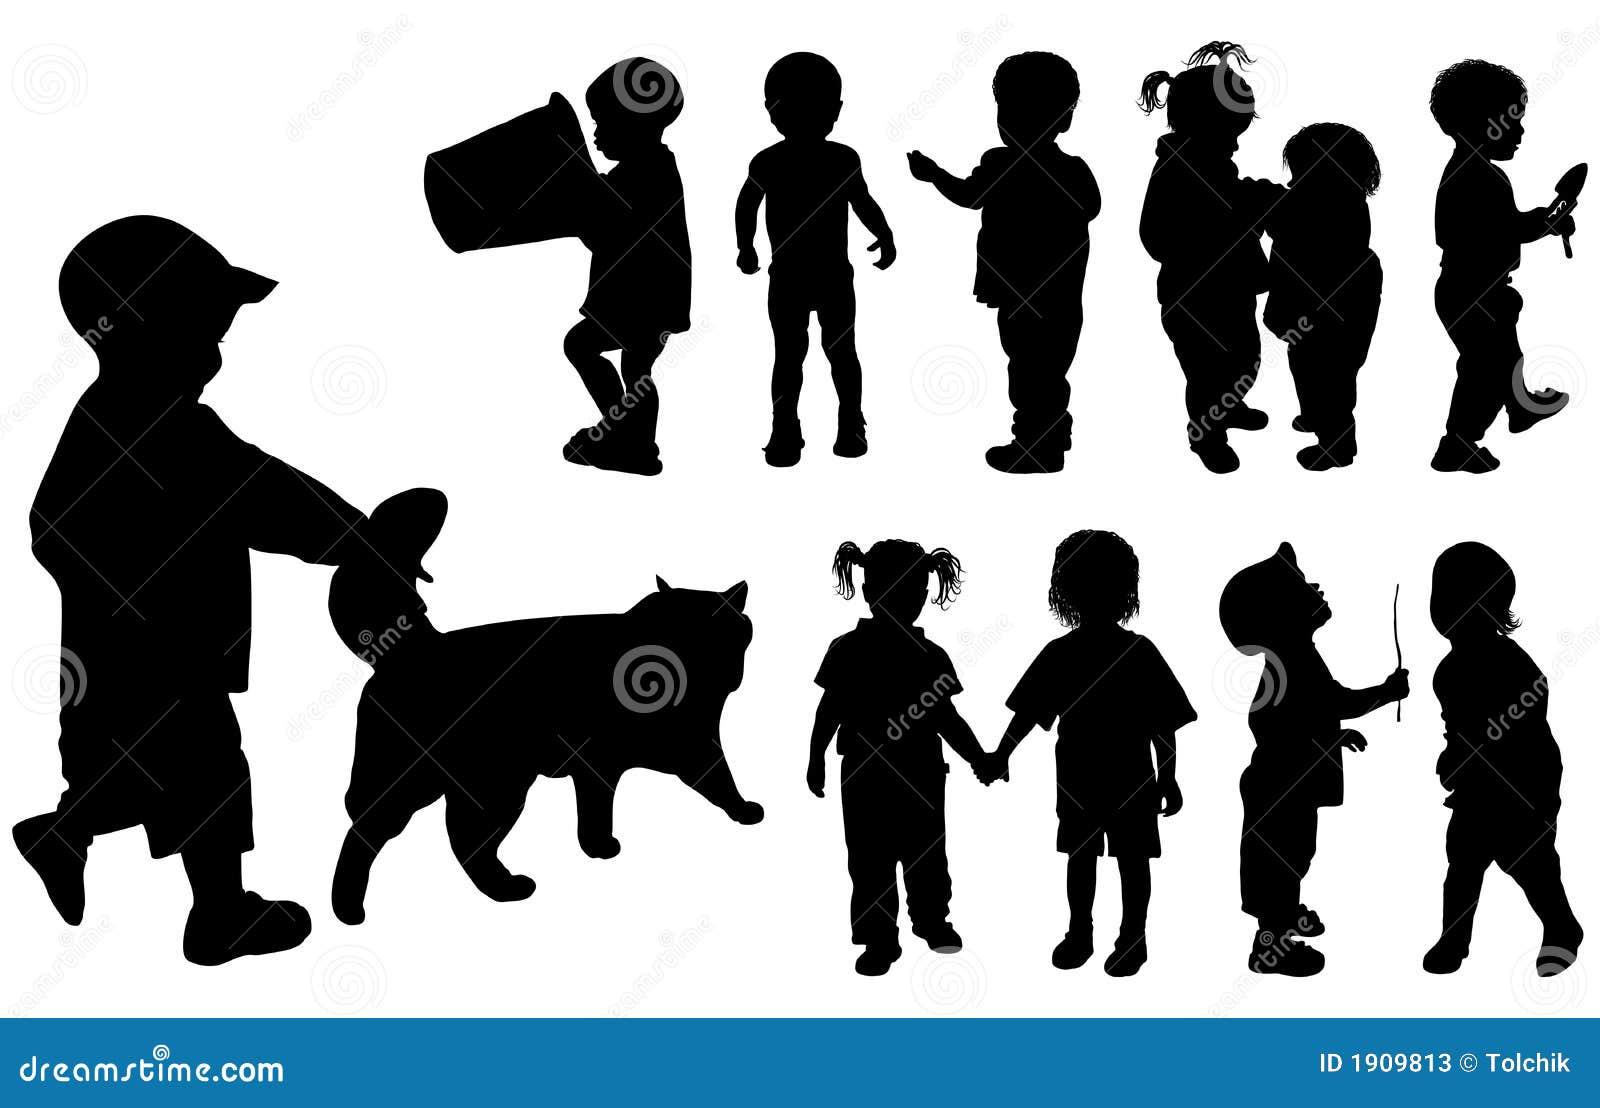 Play Dog Walking Games